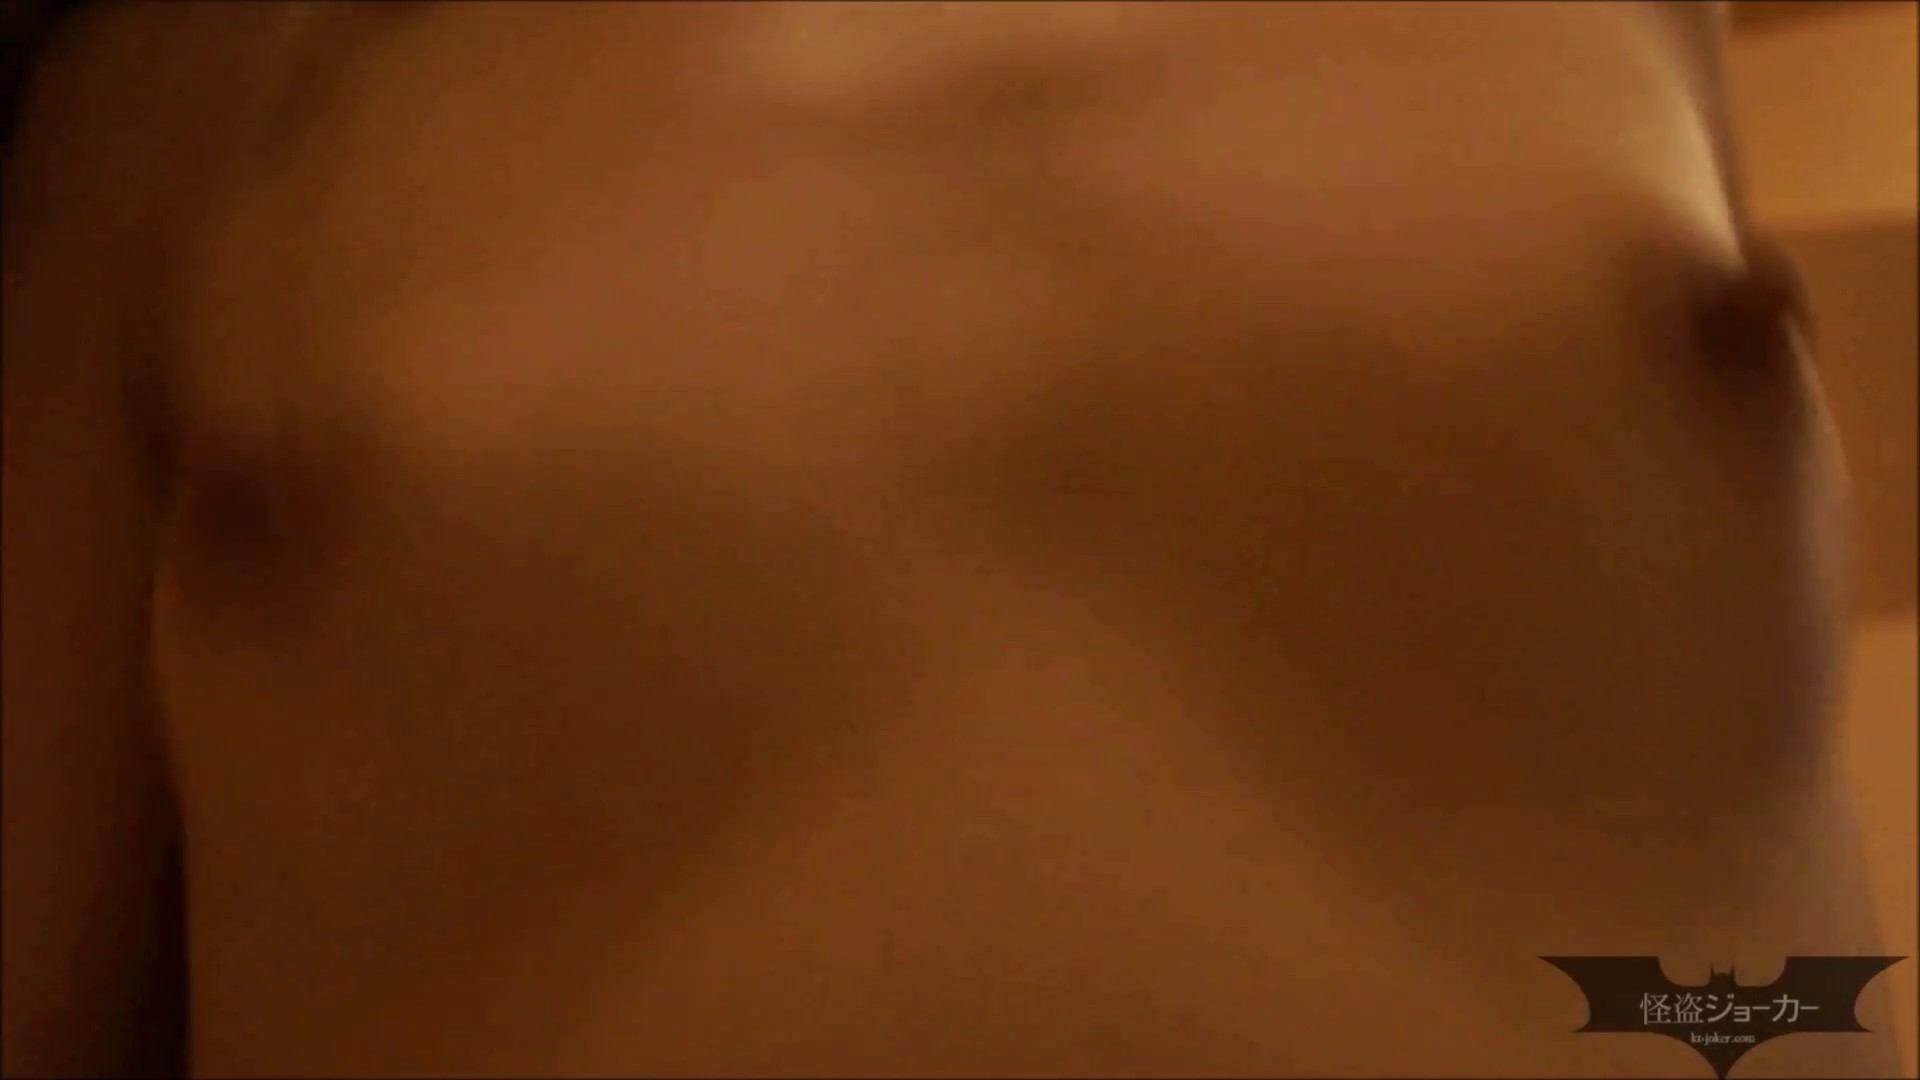 【未公開】vol.20 セレブ美魔女・カリソメの笑顔。最後の交わり...生中出し 丸見え 濡れ場動画紹介 103画像 90